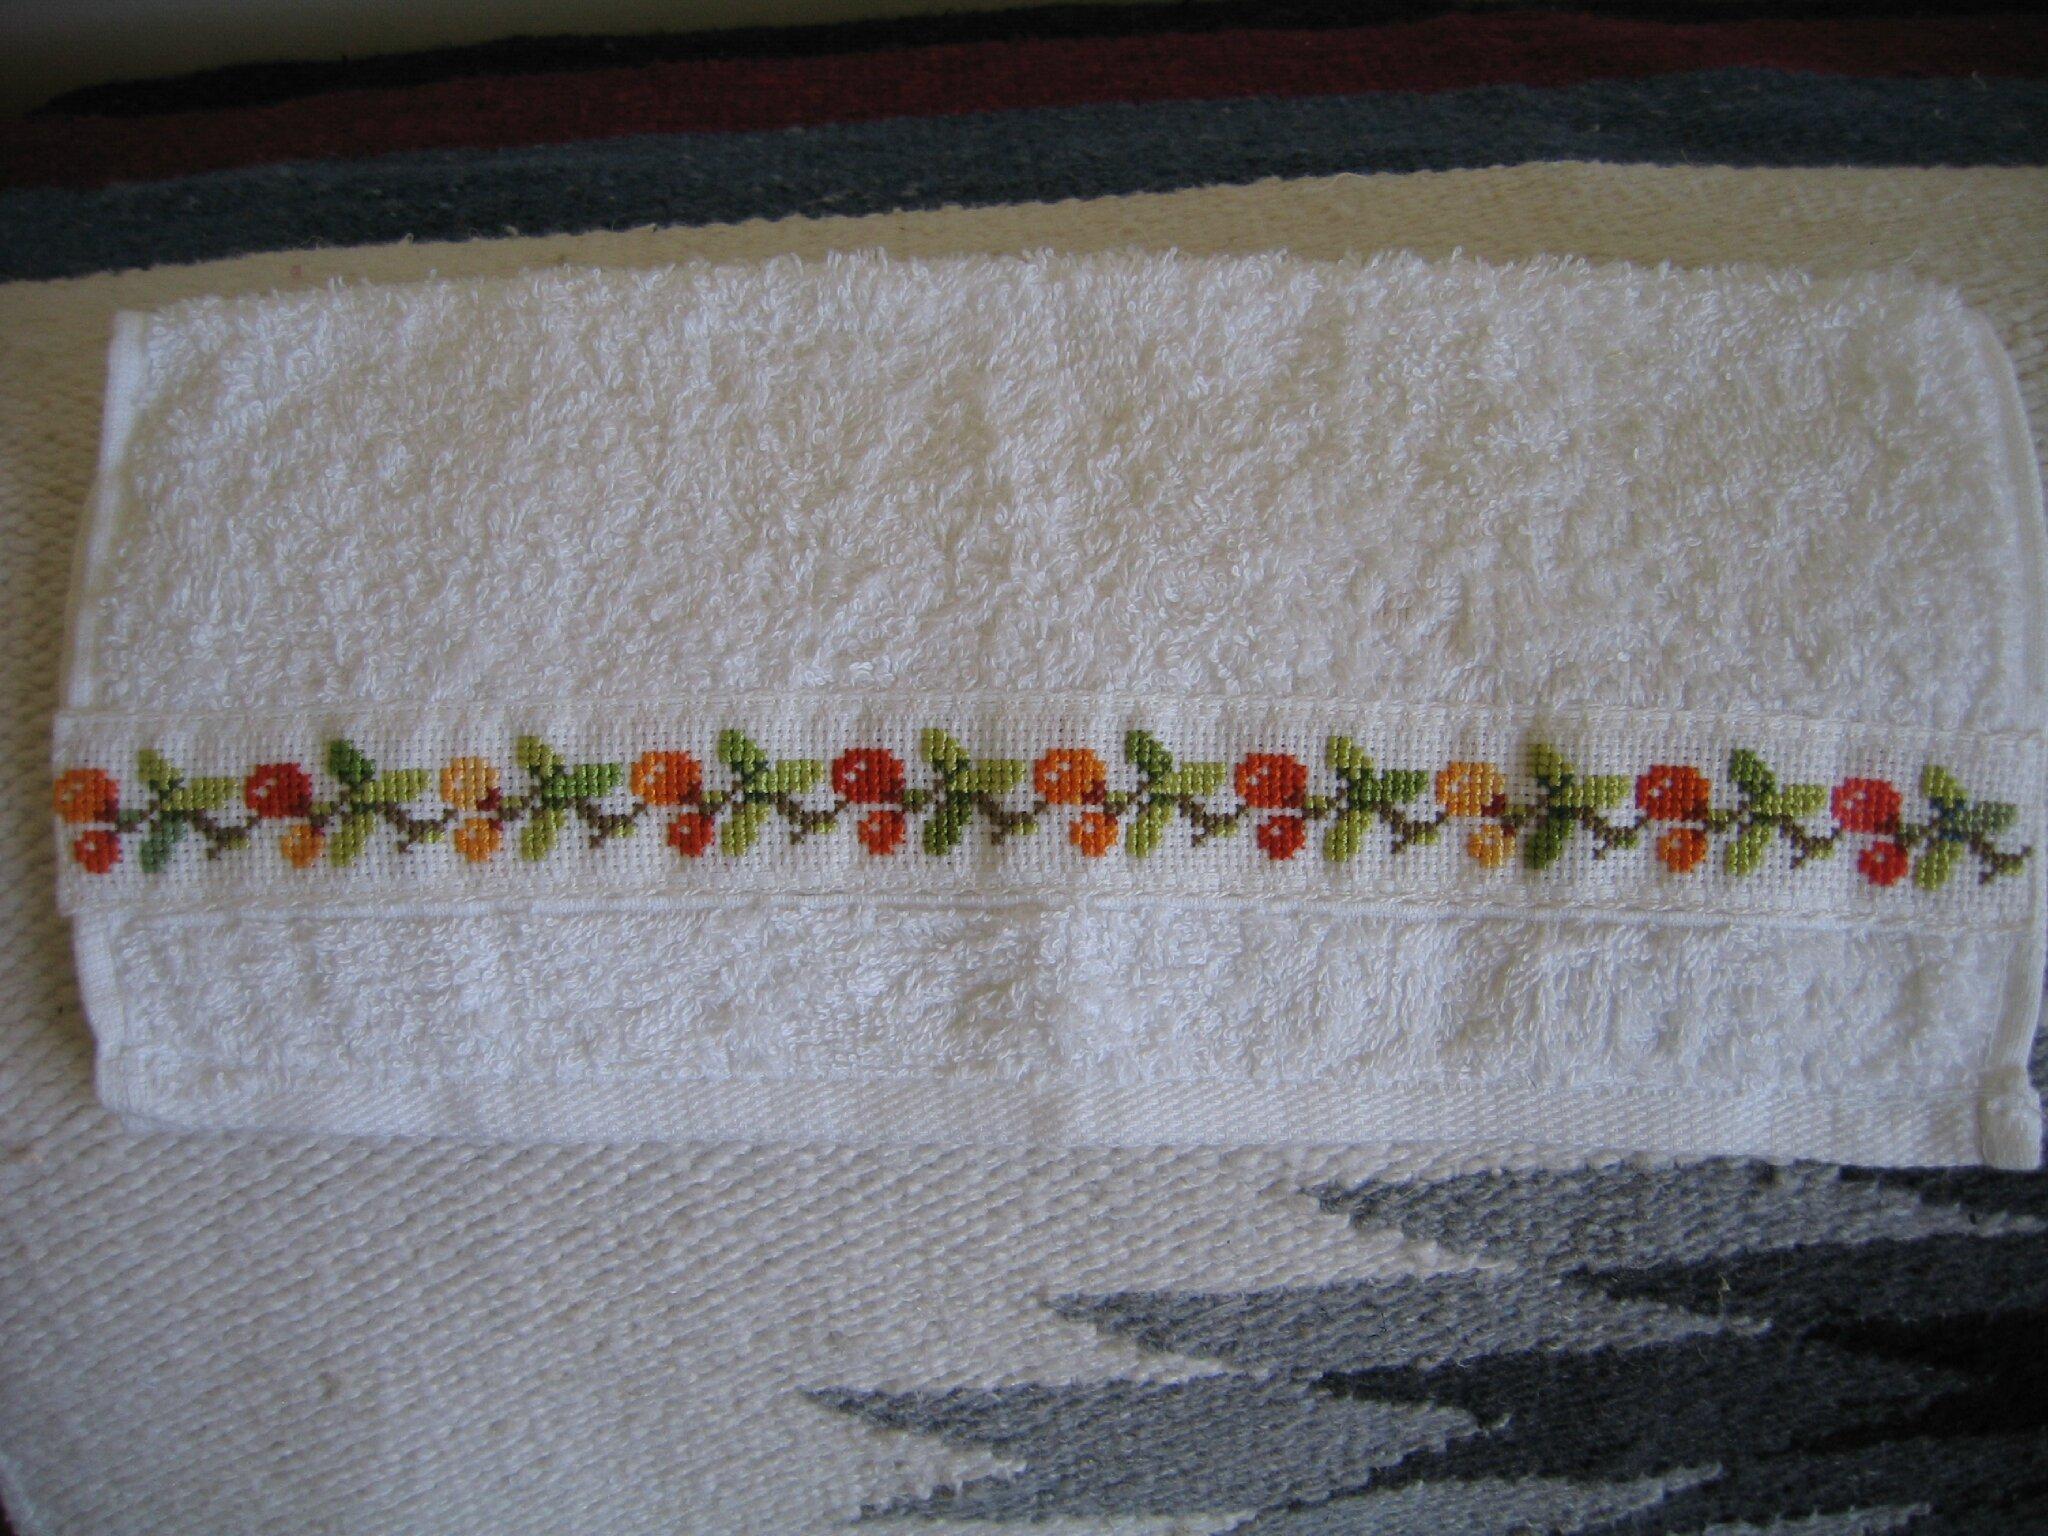 détail d'une serviette à main